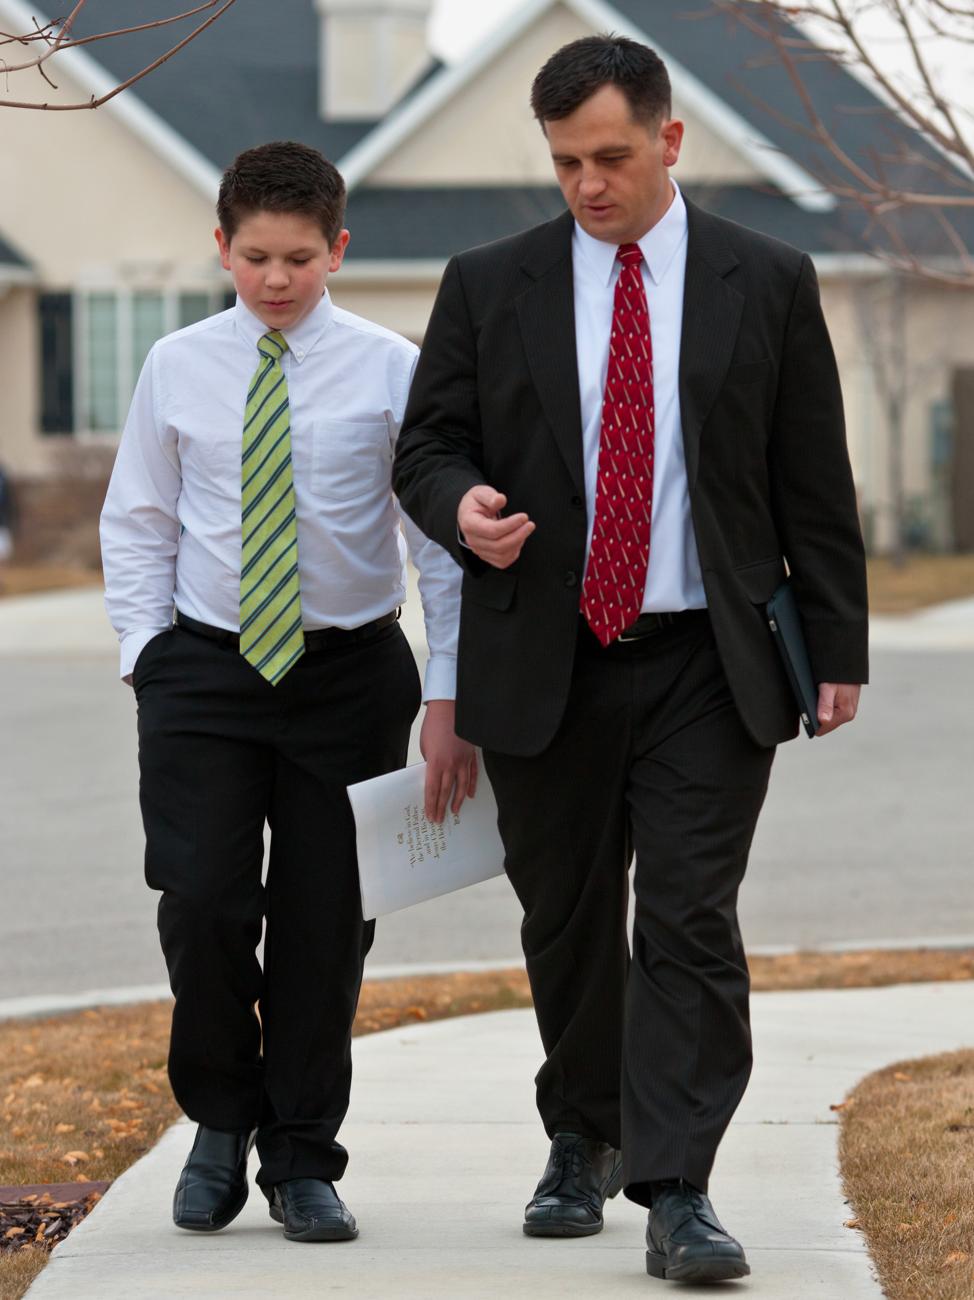 O bispo conversa e caminha com um rapaz. Como presidente Russell M. Nelson enfatizou na conferência geral de outubro, a responsabilidade primordial de um bispo é de cuidar dos jovens.